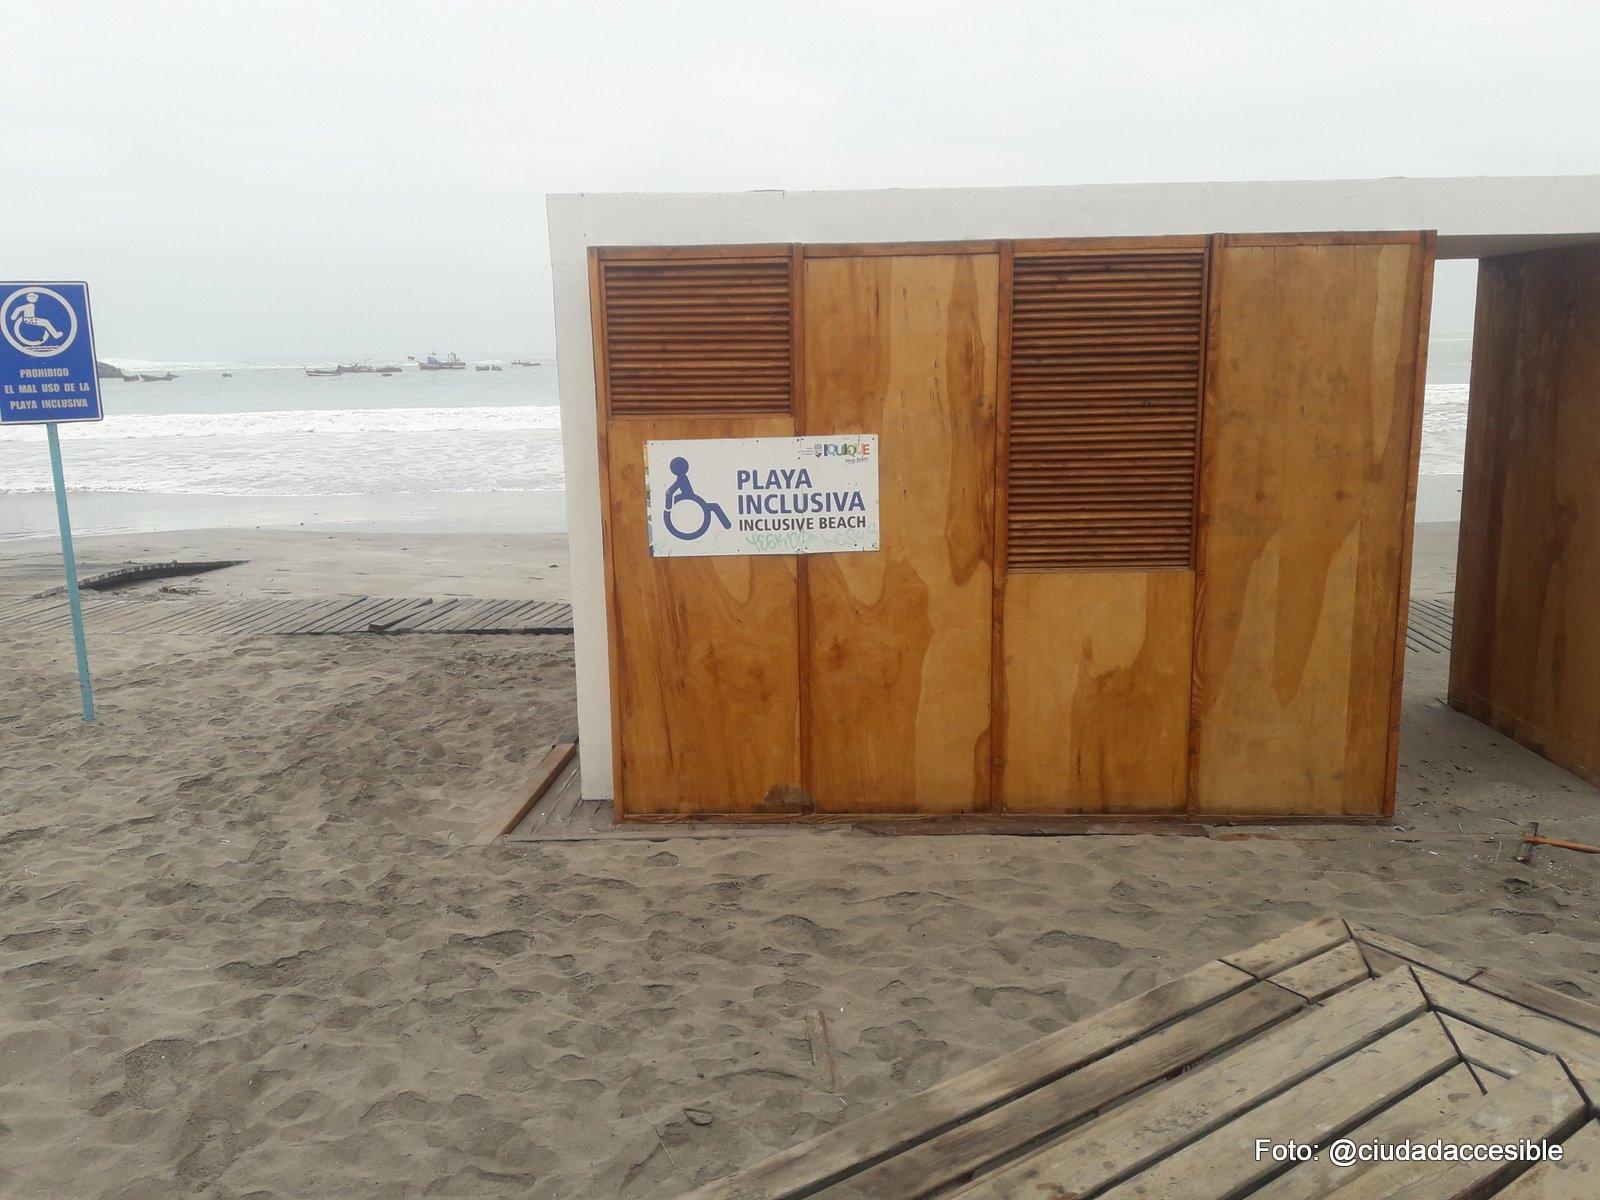 se ve una construcción de madera con el letrero playa inclusiva